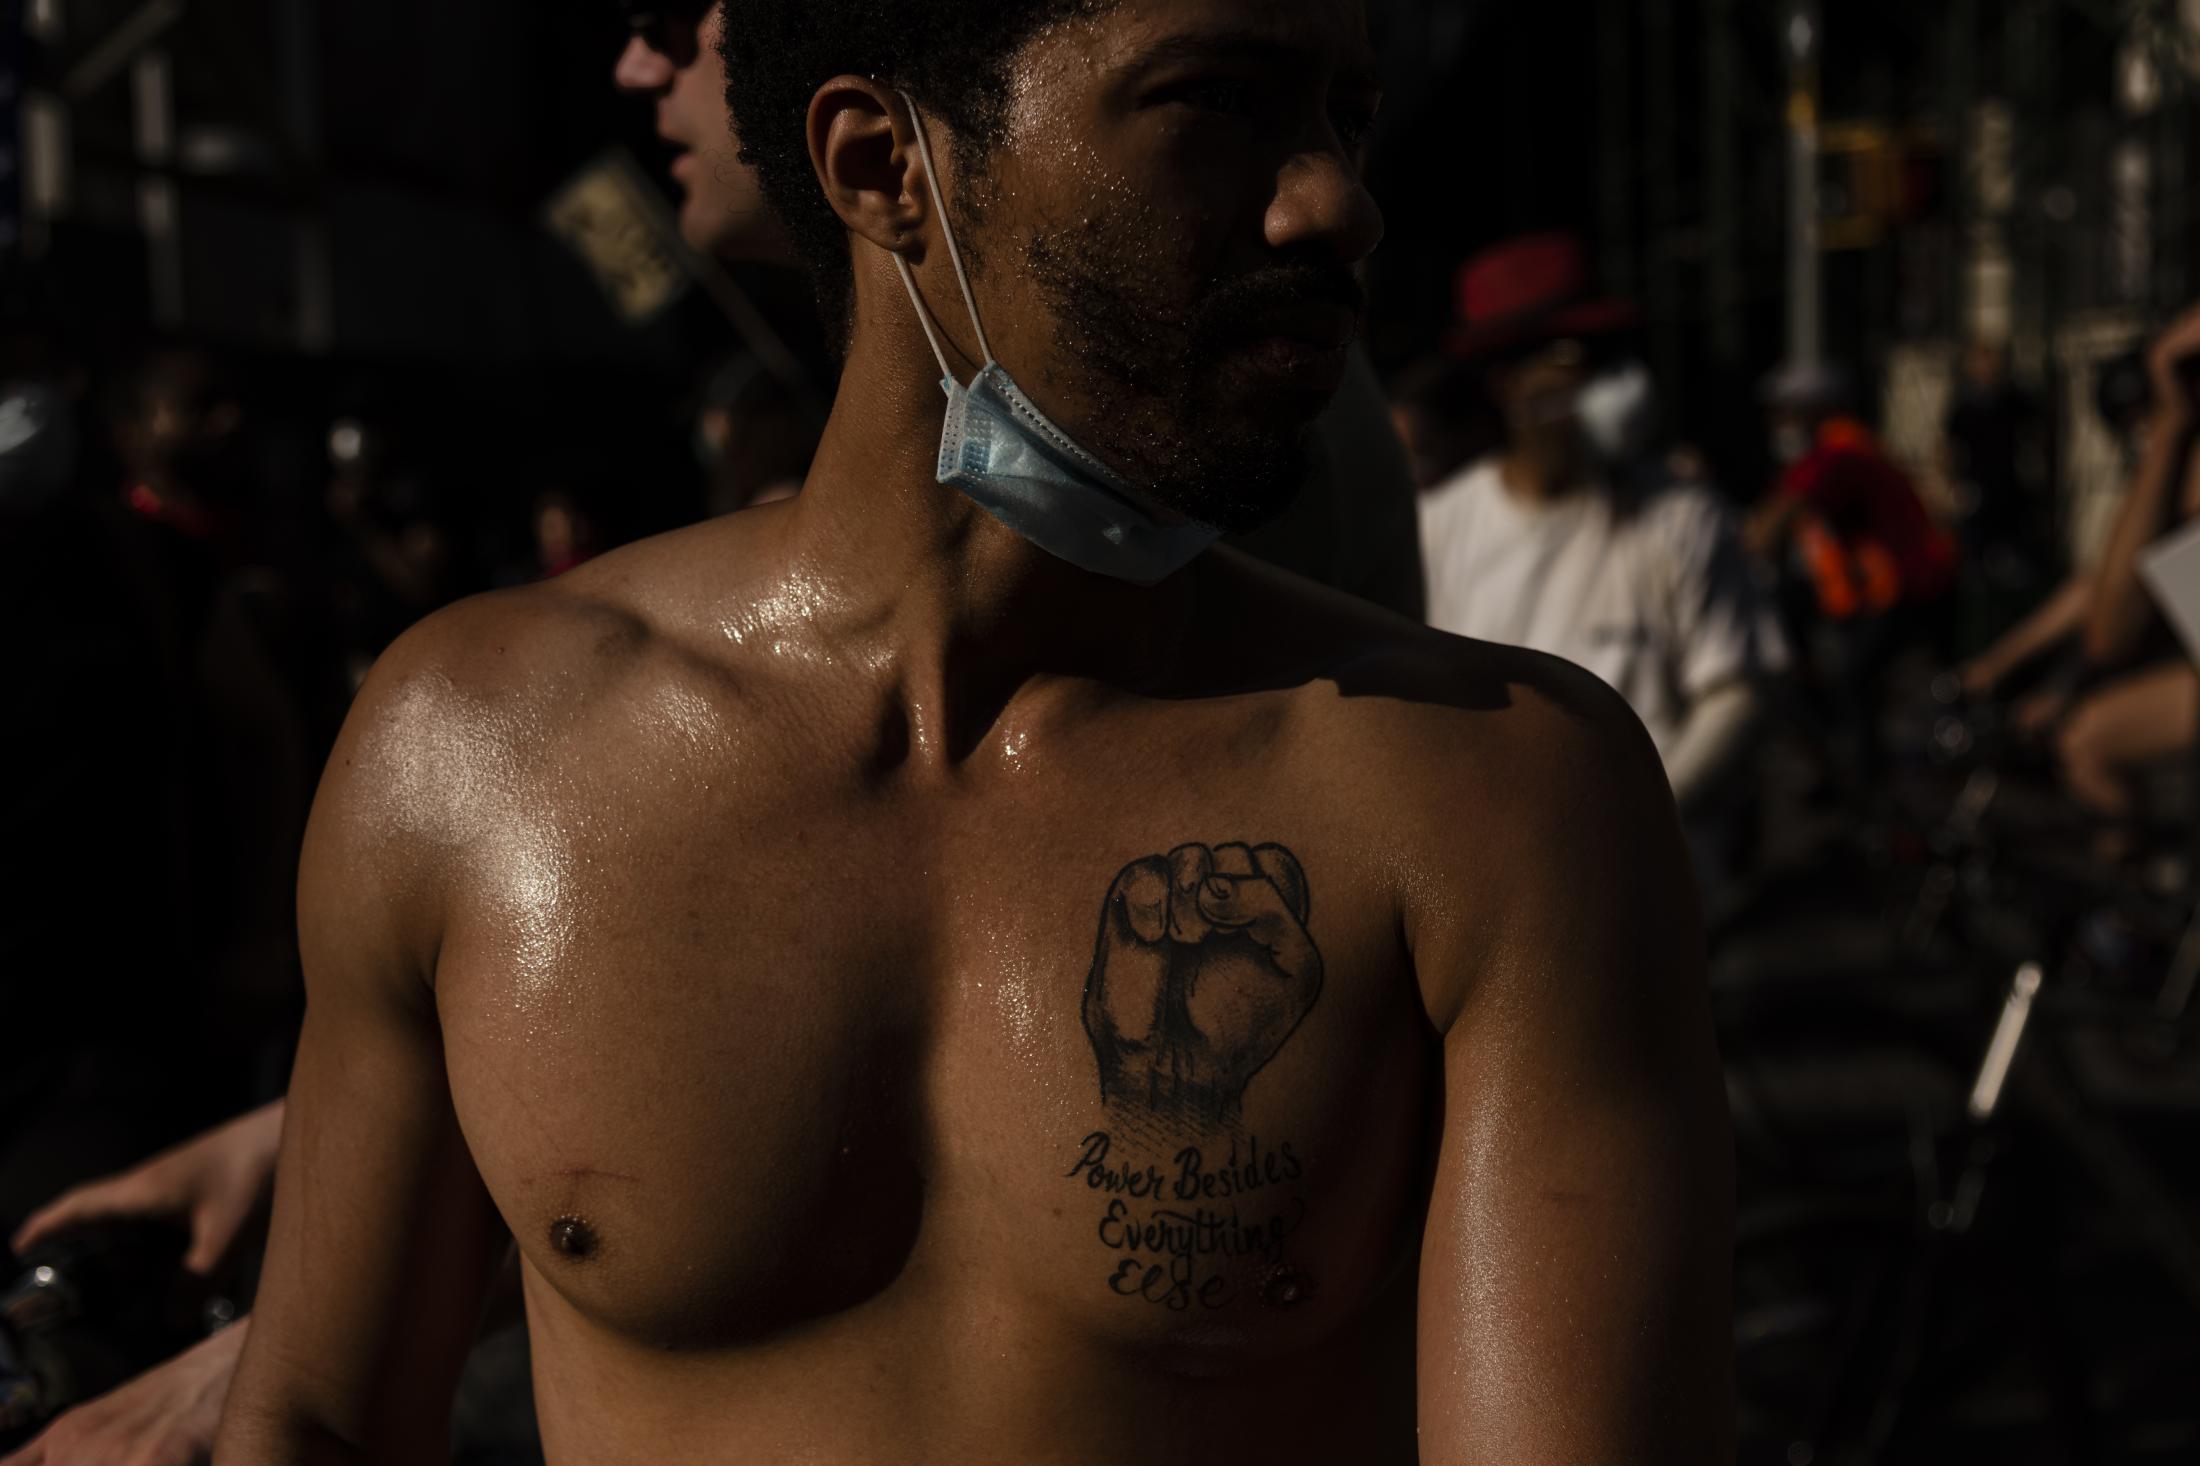 Un jóven adherente al movimiento BLM, muestra un tatuaje en su pecho que traduce 'Poder Ante Todo', durante una protesta en Brooklyn, Nueva York. Durante los meses más crudos de la pandemia en ciudad, las calles volvieron a la vida luego del llamado al apoyo en contra la brutalidad policial en Estados Unidos.